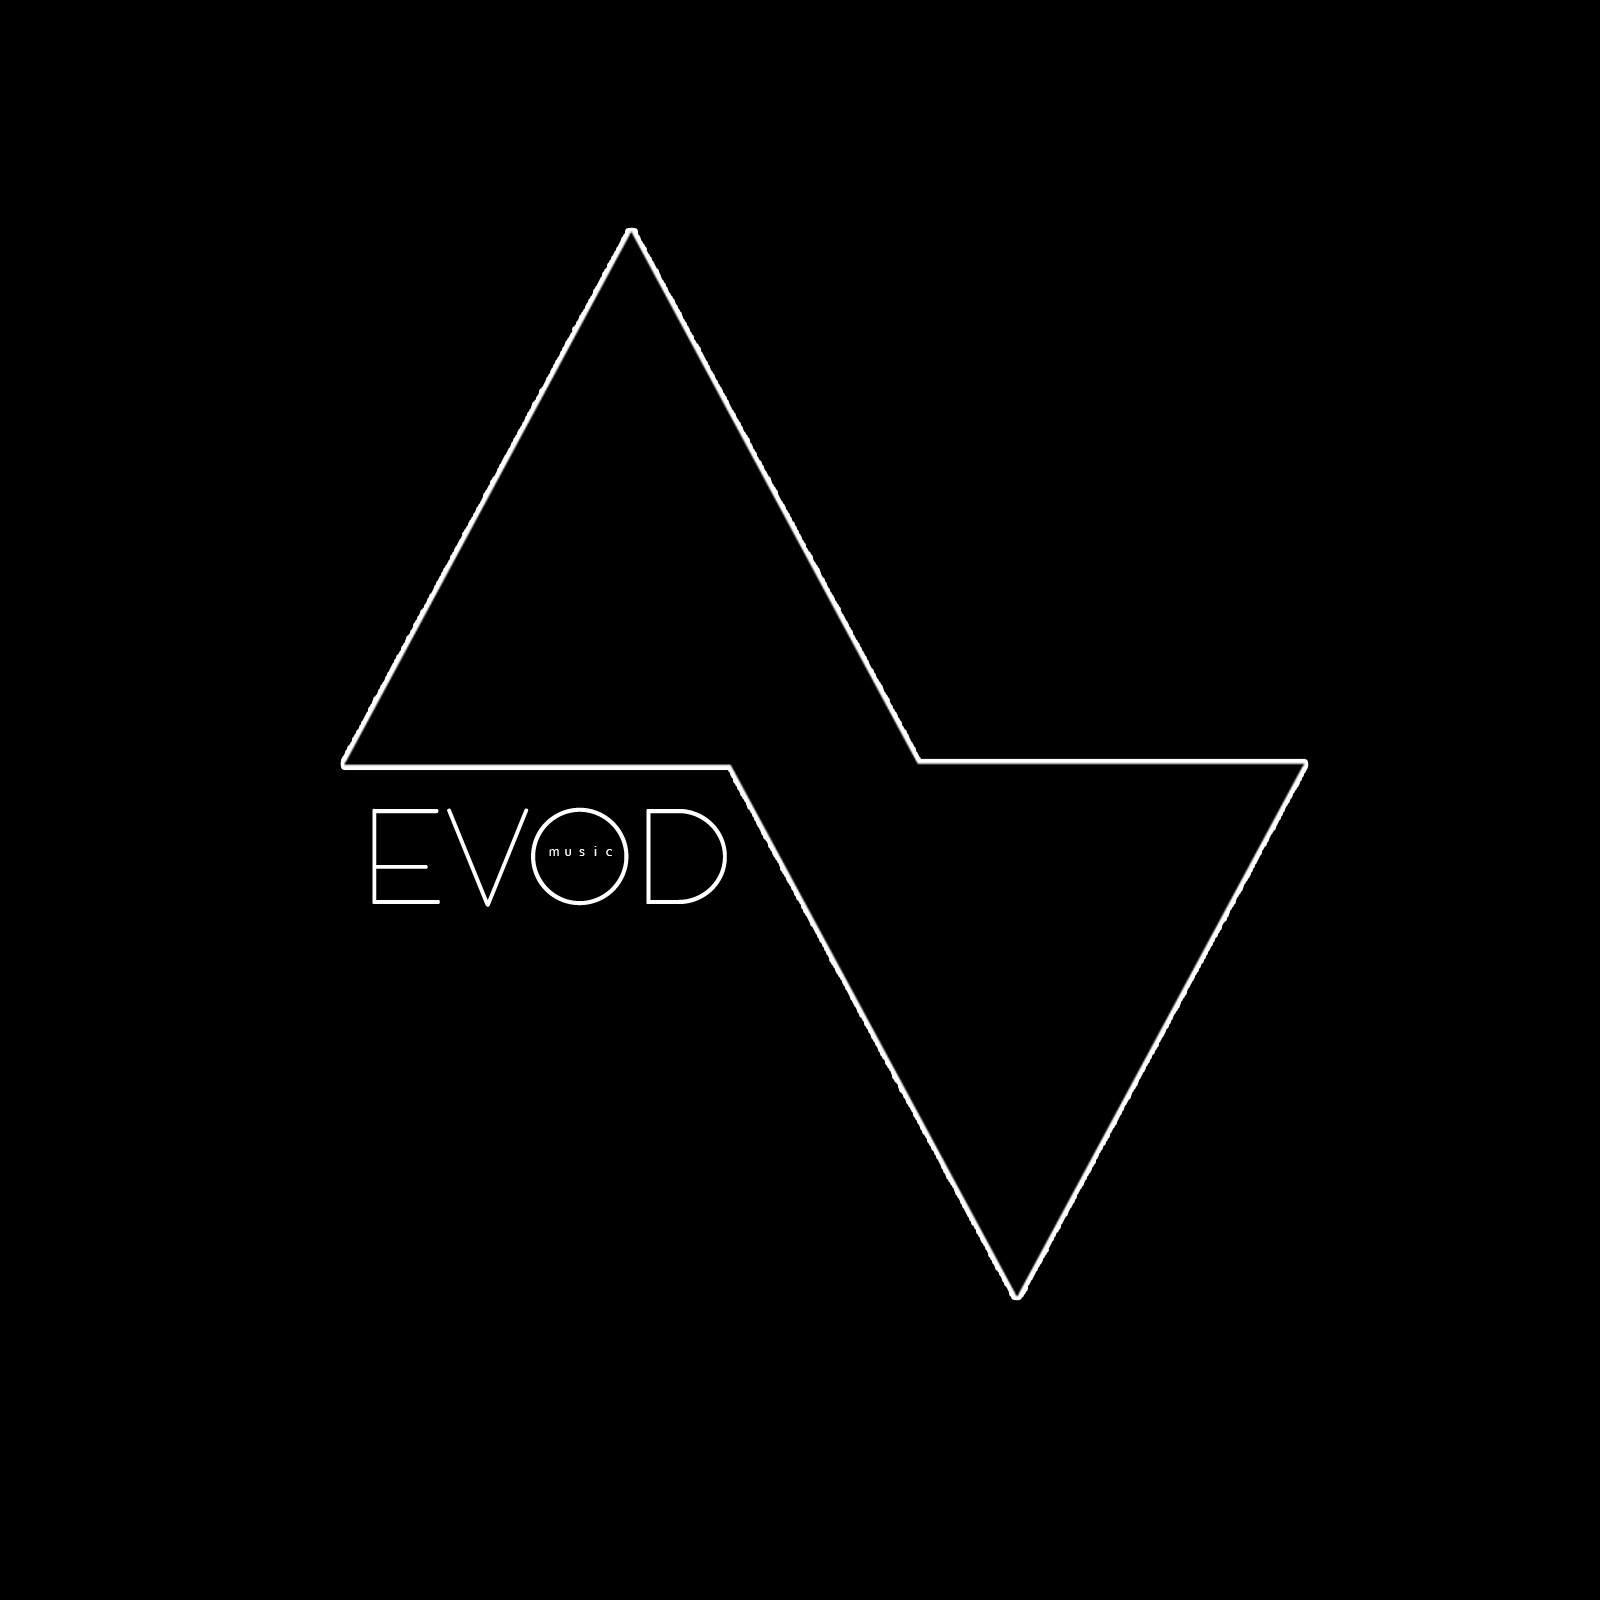 Evod Music